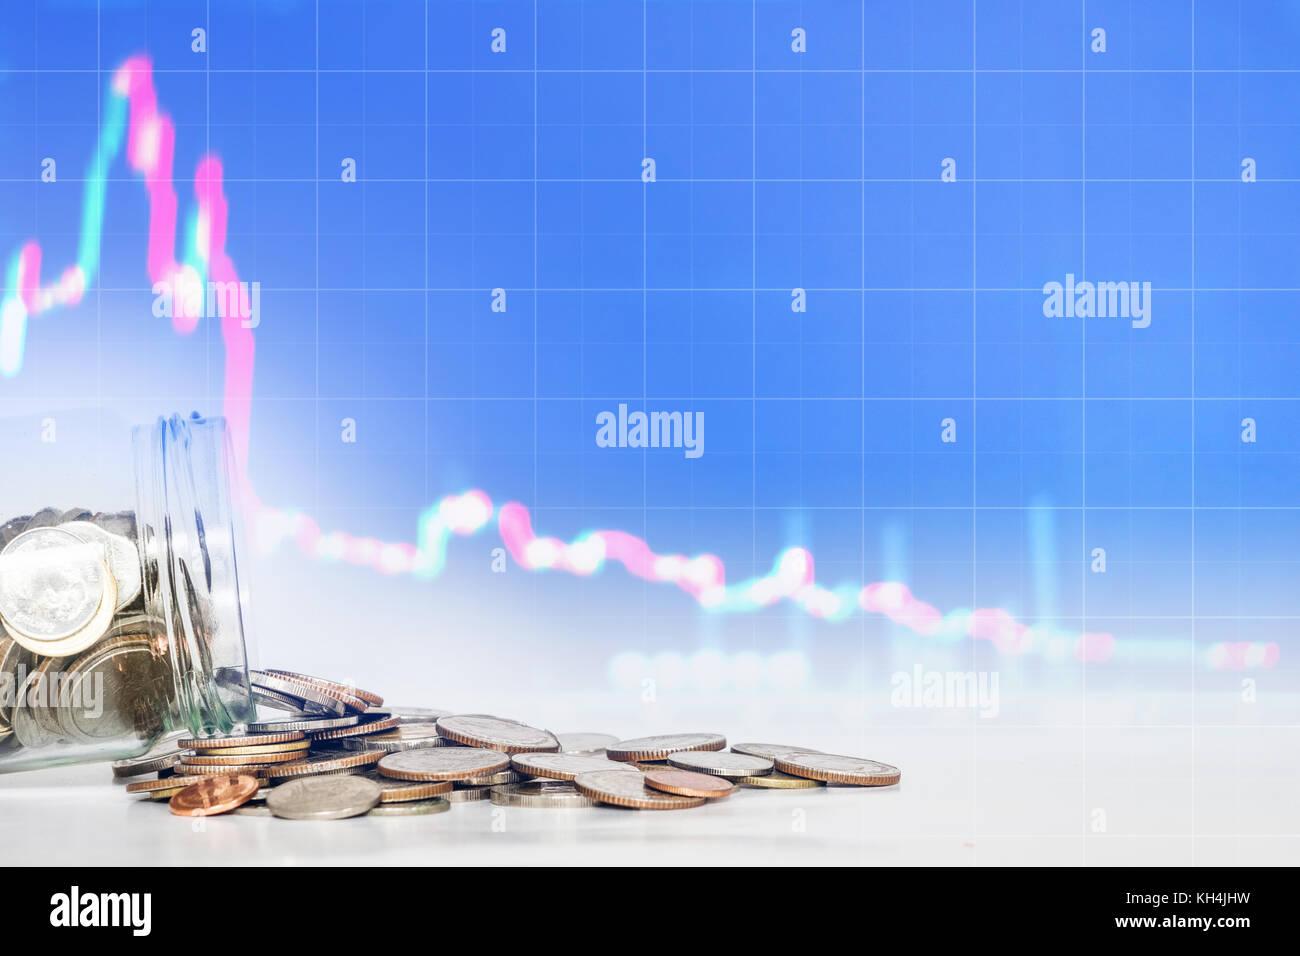 Monete spillato dal vaso di vetro con la caduta verso il basso sullo sfondo del grafico. perde il denaro, il fallimento Immagini Stock